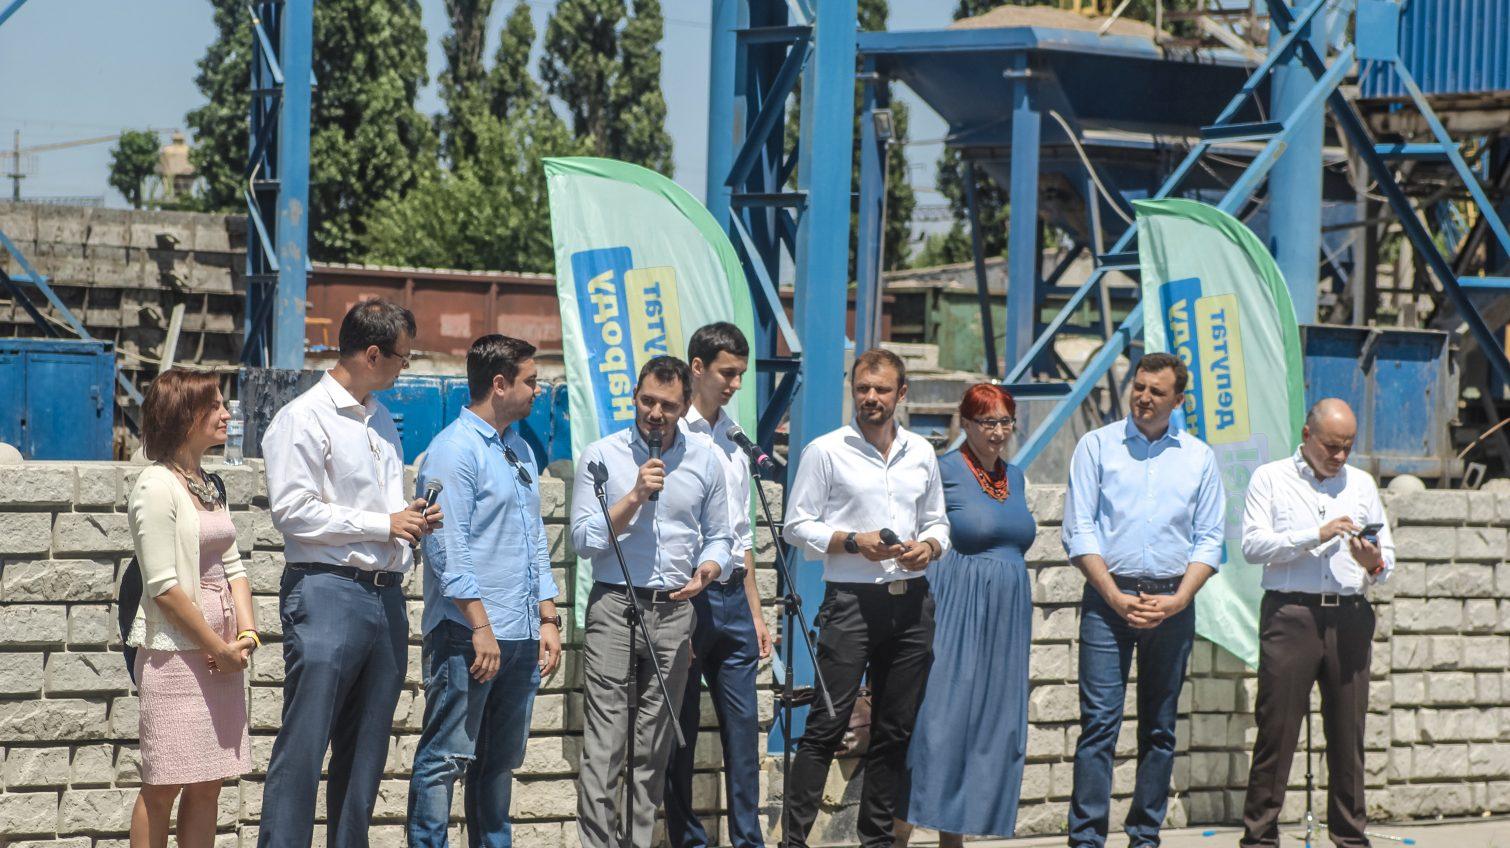 Десант киевской «Зе команды» в Одессу: сторонники Зеленского побывали на передовом цементном заводе, заглянули на ТИС и пообщались с молодыми бизнесменами (фото) «фото»